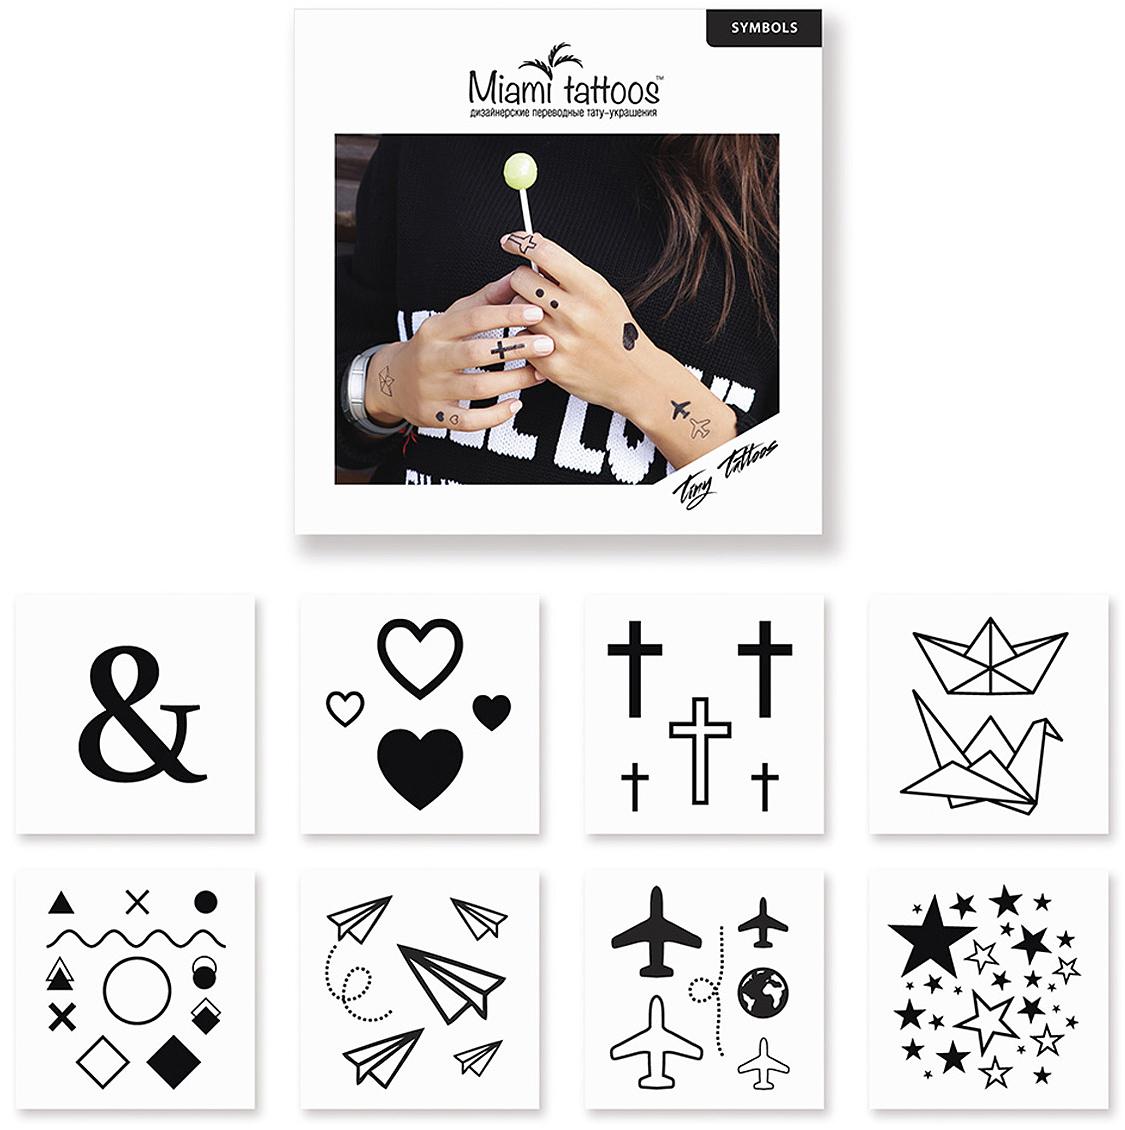 Miami Tattoos Комплект переводных тату Symbols, 8 листов, 6 х 6 смMT0069Аккуратные мини-татуировки Symbols будут смотреться мило и на девушках, и на молодых людях - они нейтральные, ненадоедливые, но вместе с тем забавные и сексуальные. Наносите их на запястье, лодыжку, под ребра или на пальцы, как делают знаменитости Рита Оро, Зое Кравитц, Сиена Миллер, Эрин Уосон, Аманда Сейфрид. В наборе 8 листов с различными символами (от сердечек и самолетиков до крестиков и звезд), так что мало не покажется! Для нанесения используйте воду и ватный диск, а для снятия любое масло или масляное средство. Для производства Miami Tattoos используются только качественные,?яркие?и стойкие?краски. Они не вызывают аллергию и продержатся несколько дней.